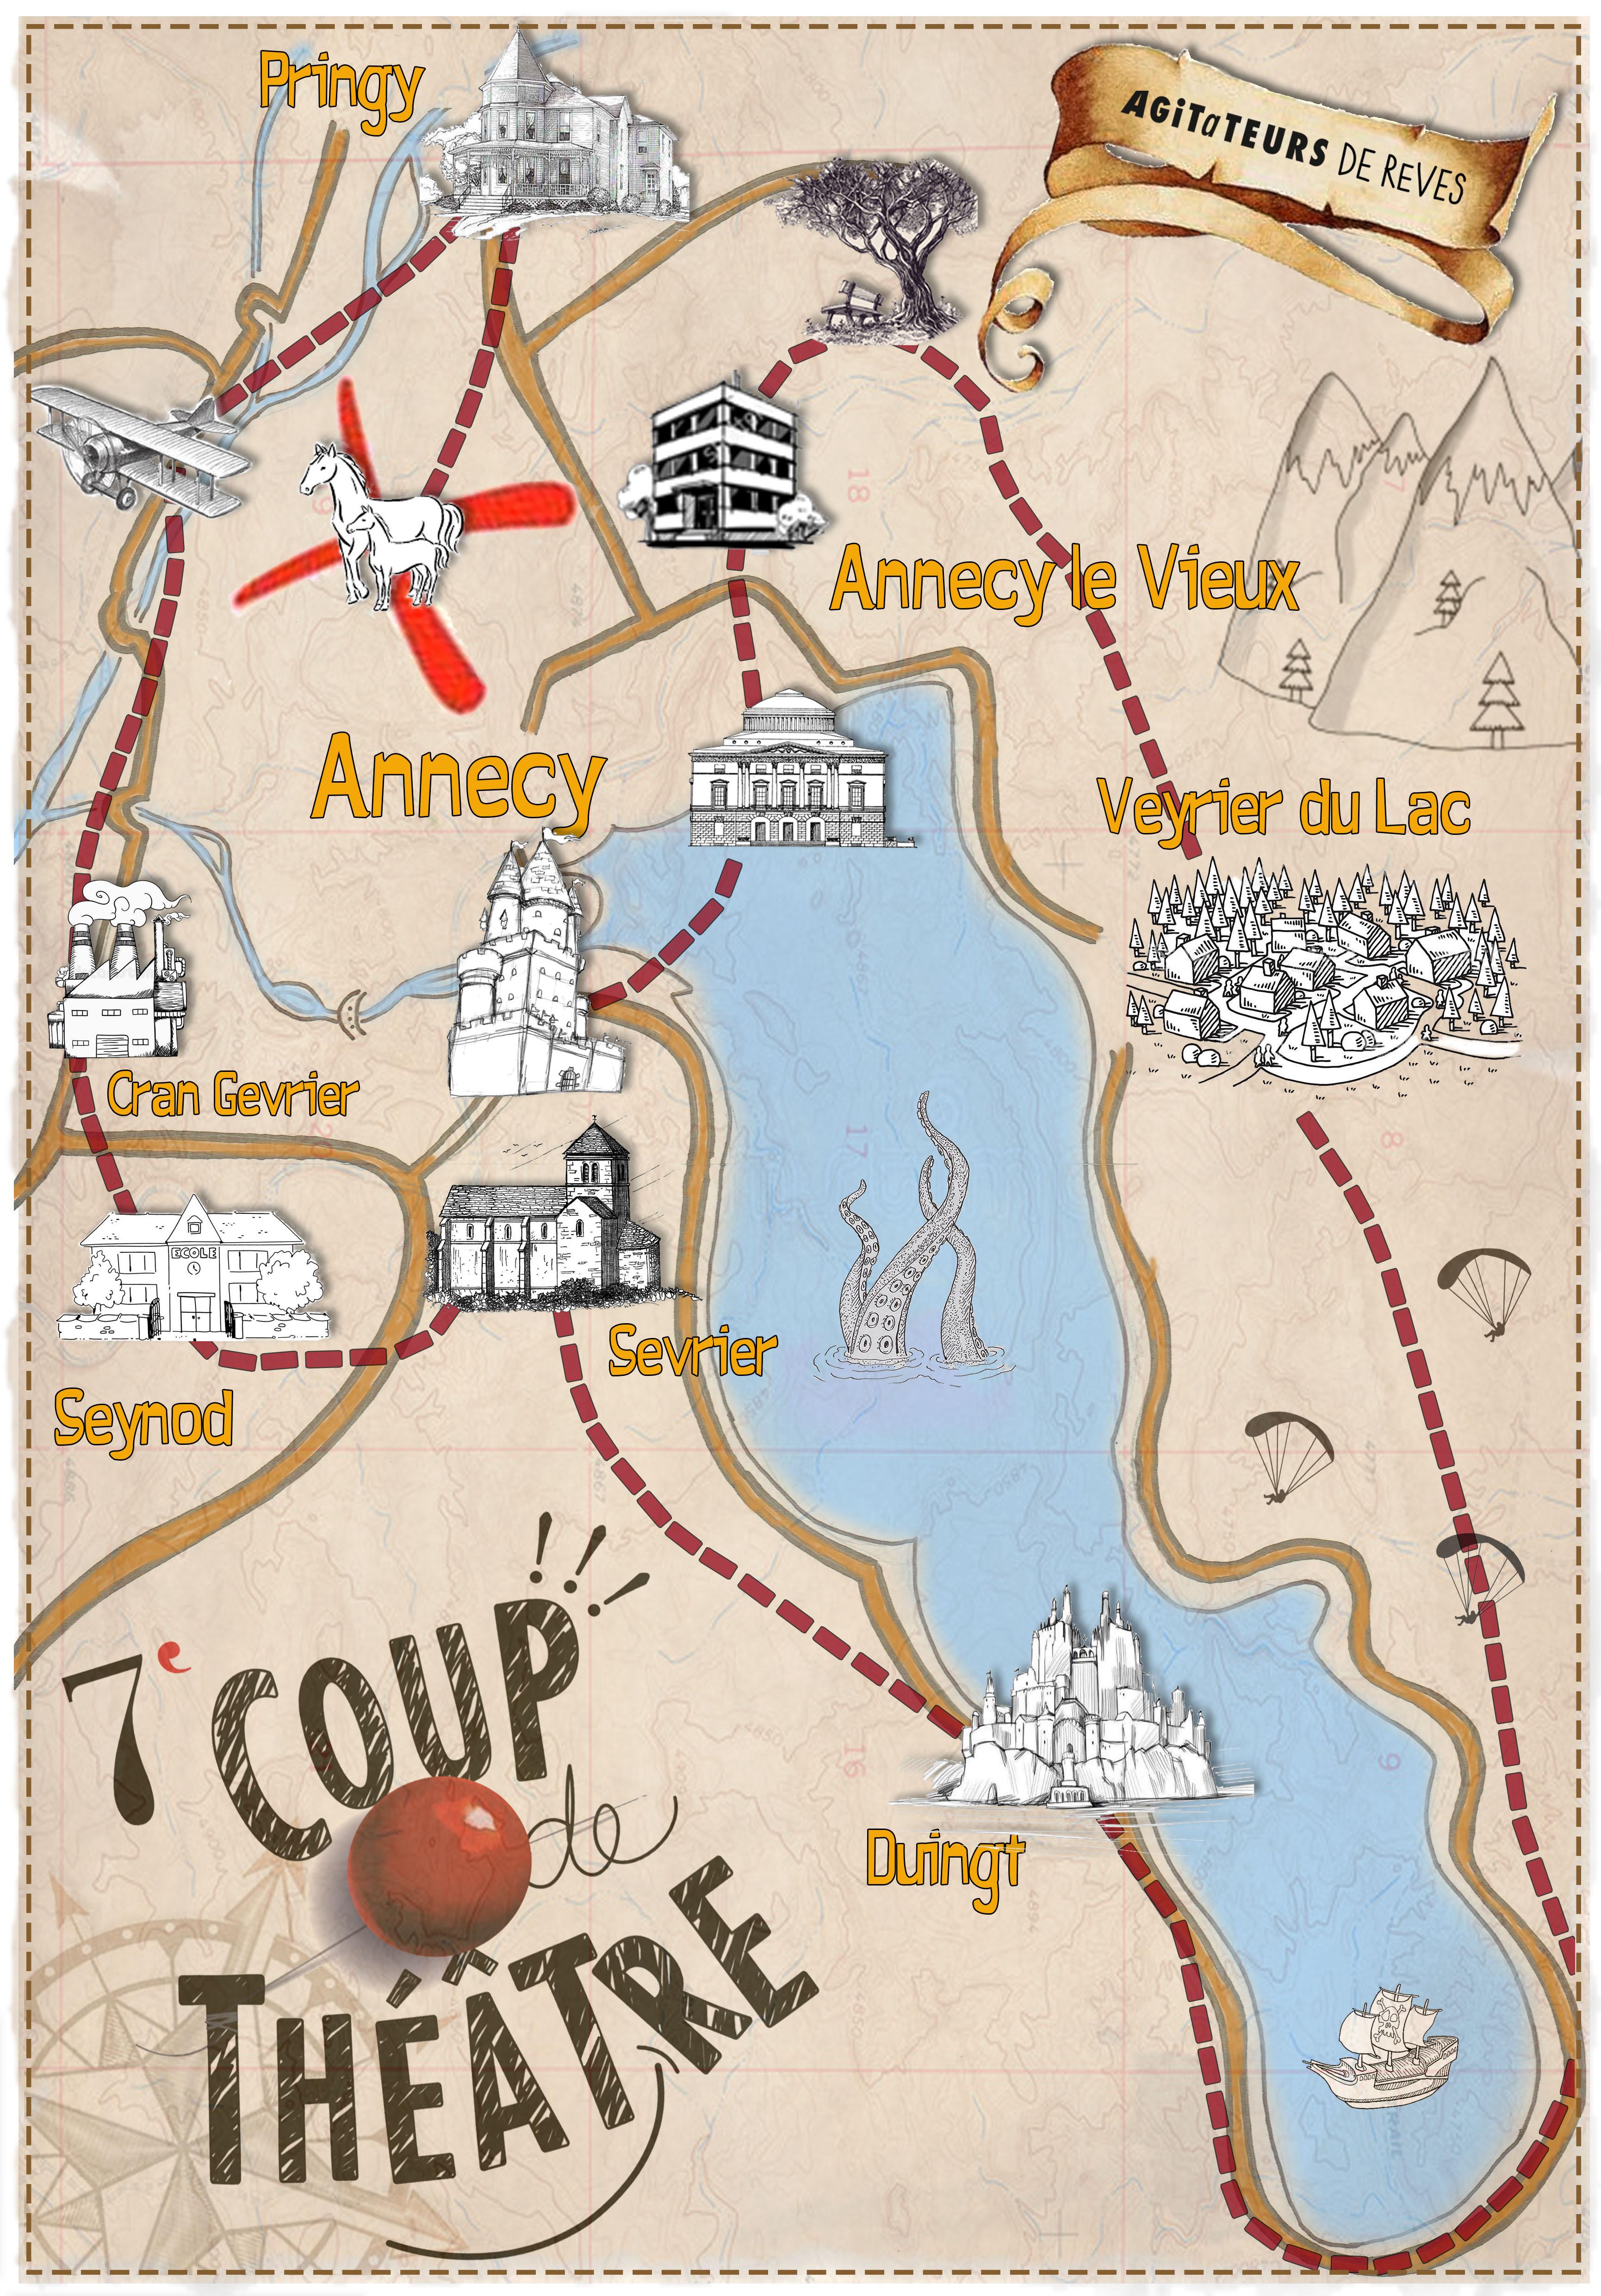 Les lieux de spectacle qui composent la carte au trésor / 7° Coup de théâtre pour les Agitateurs de Rêves